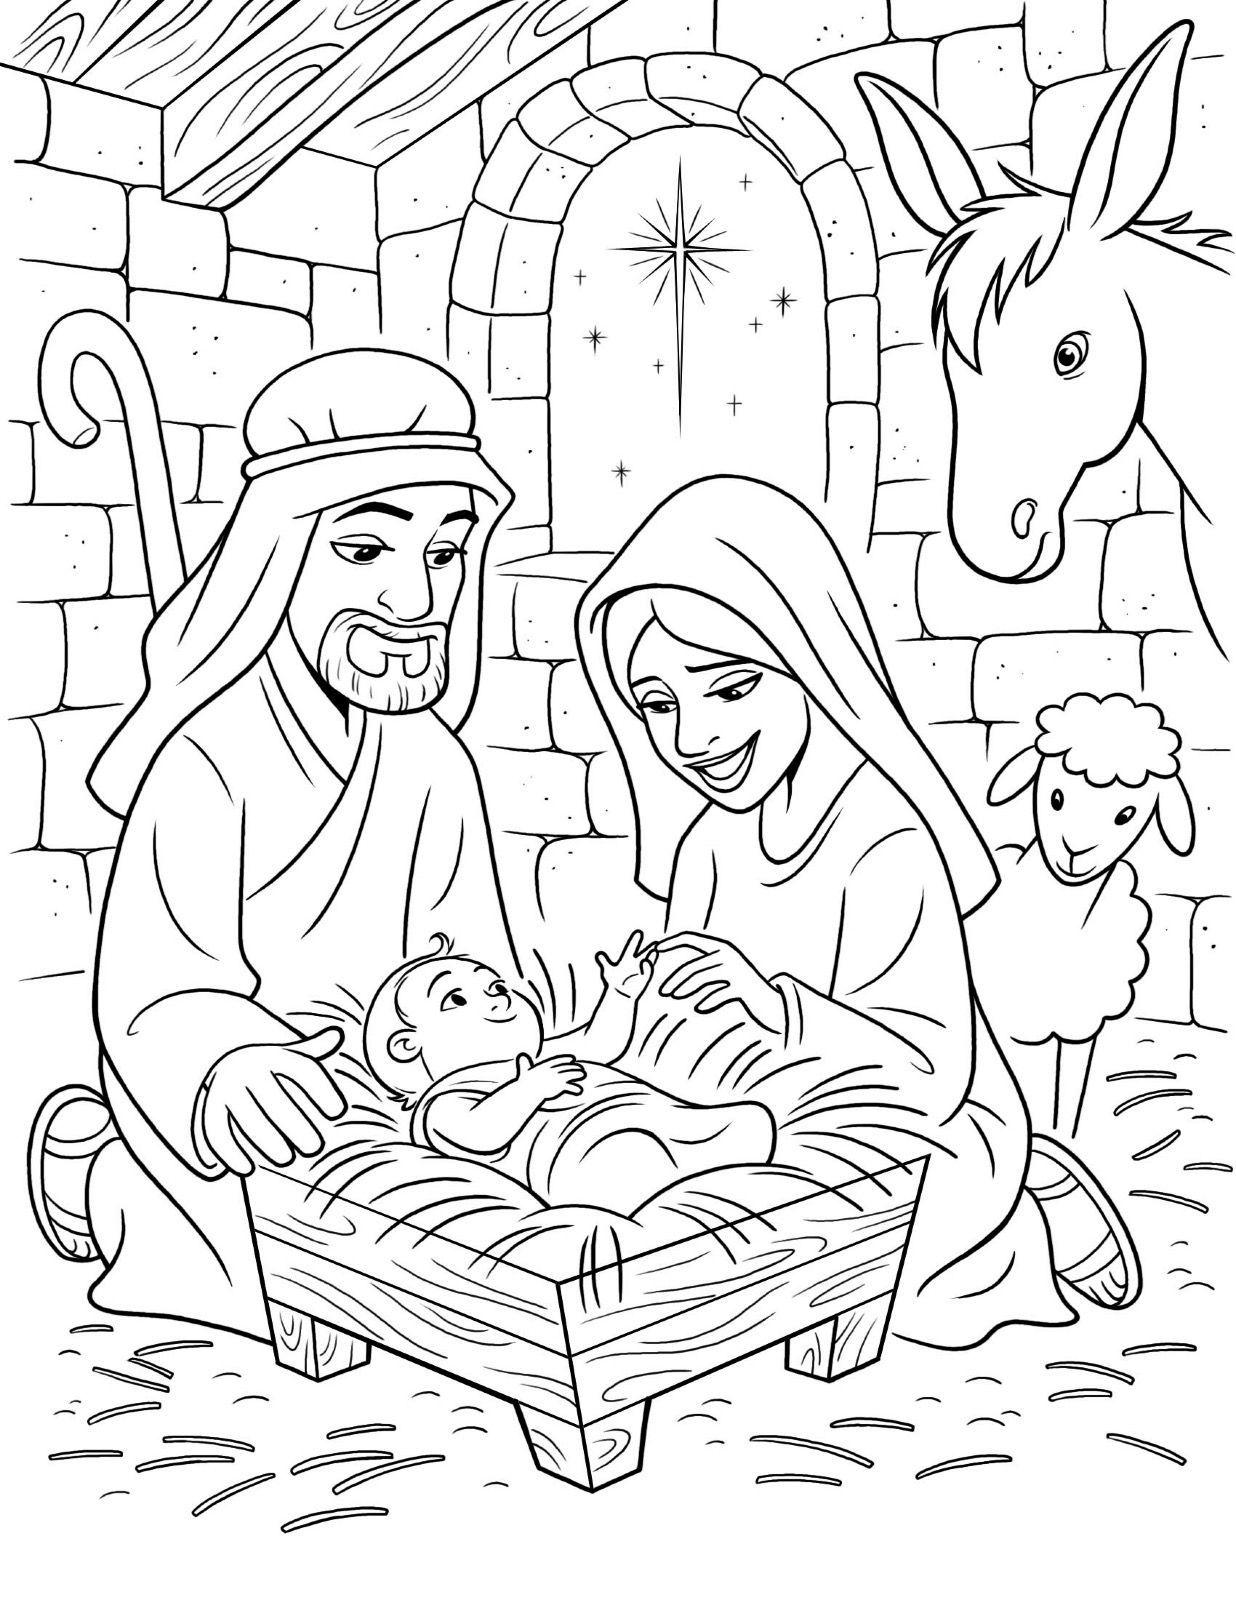 Pin By Carolien Groenendijk On Kerst Nativity Coloring Pages Jesus Coloring Pages Nativity Coloring